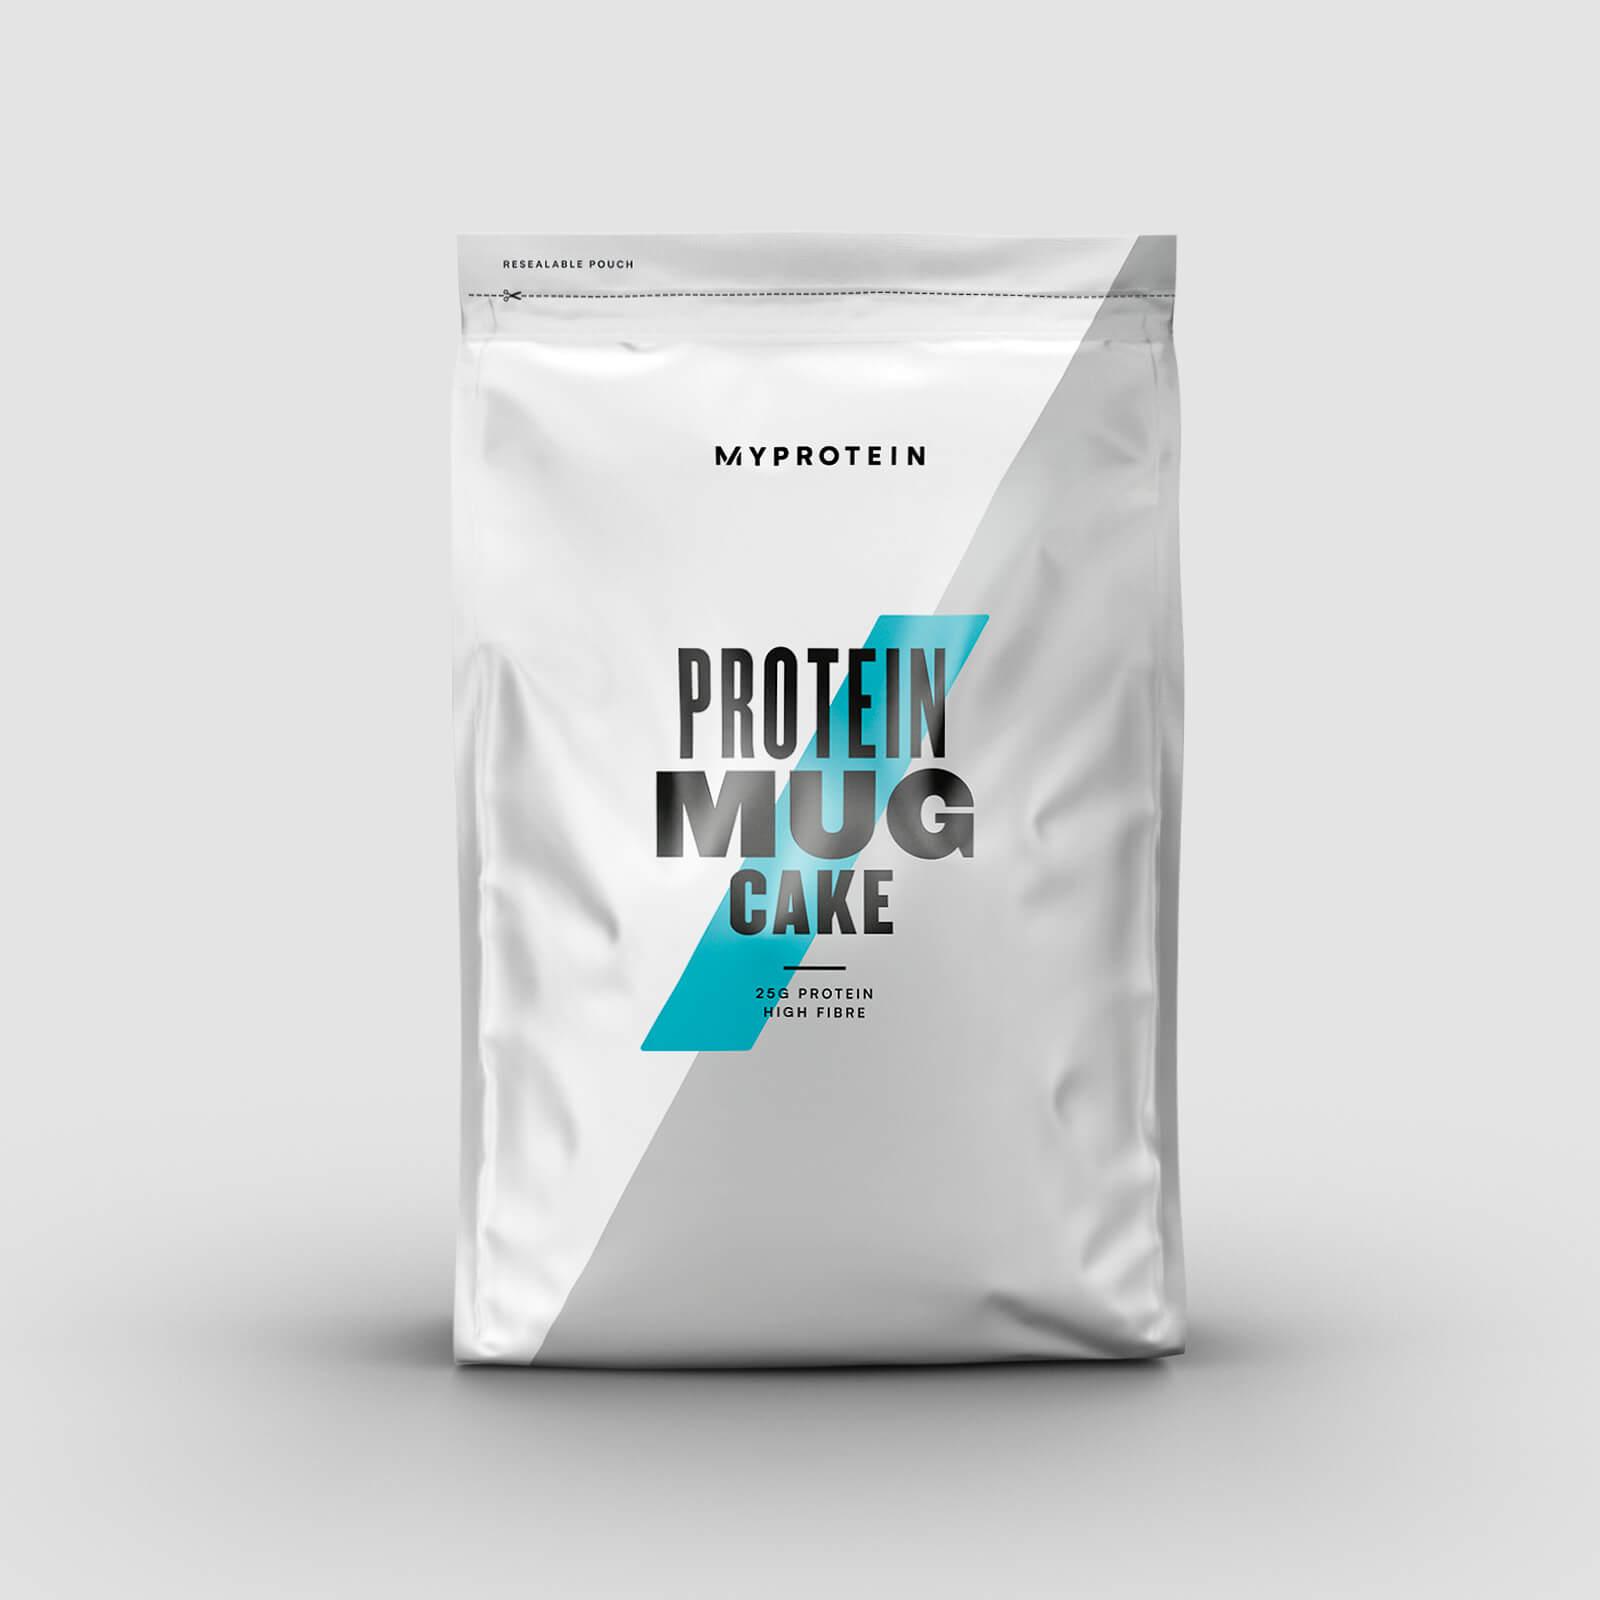 Myprotein Préparation pour Mug Cake Protéiné - 500g - Chocolat Naturel